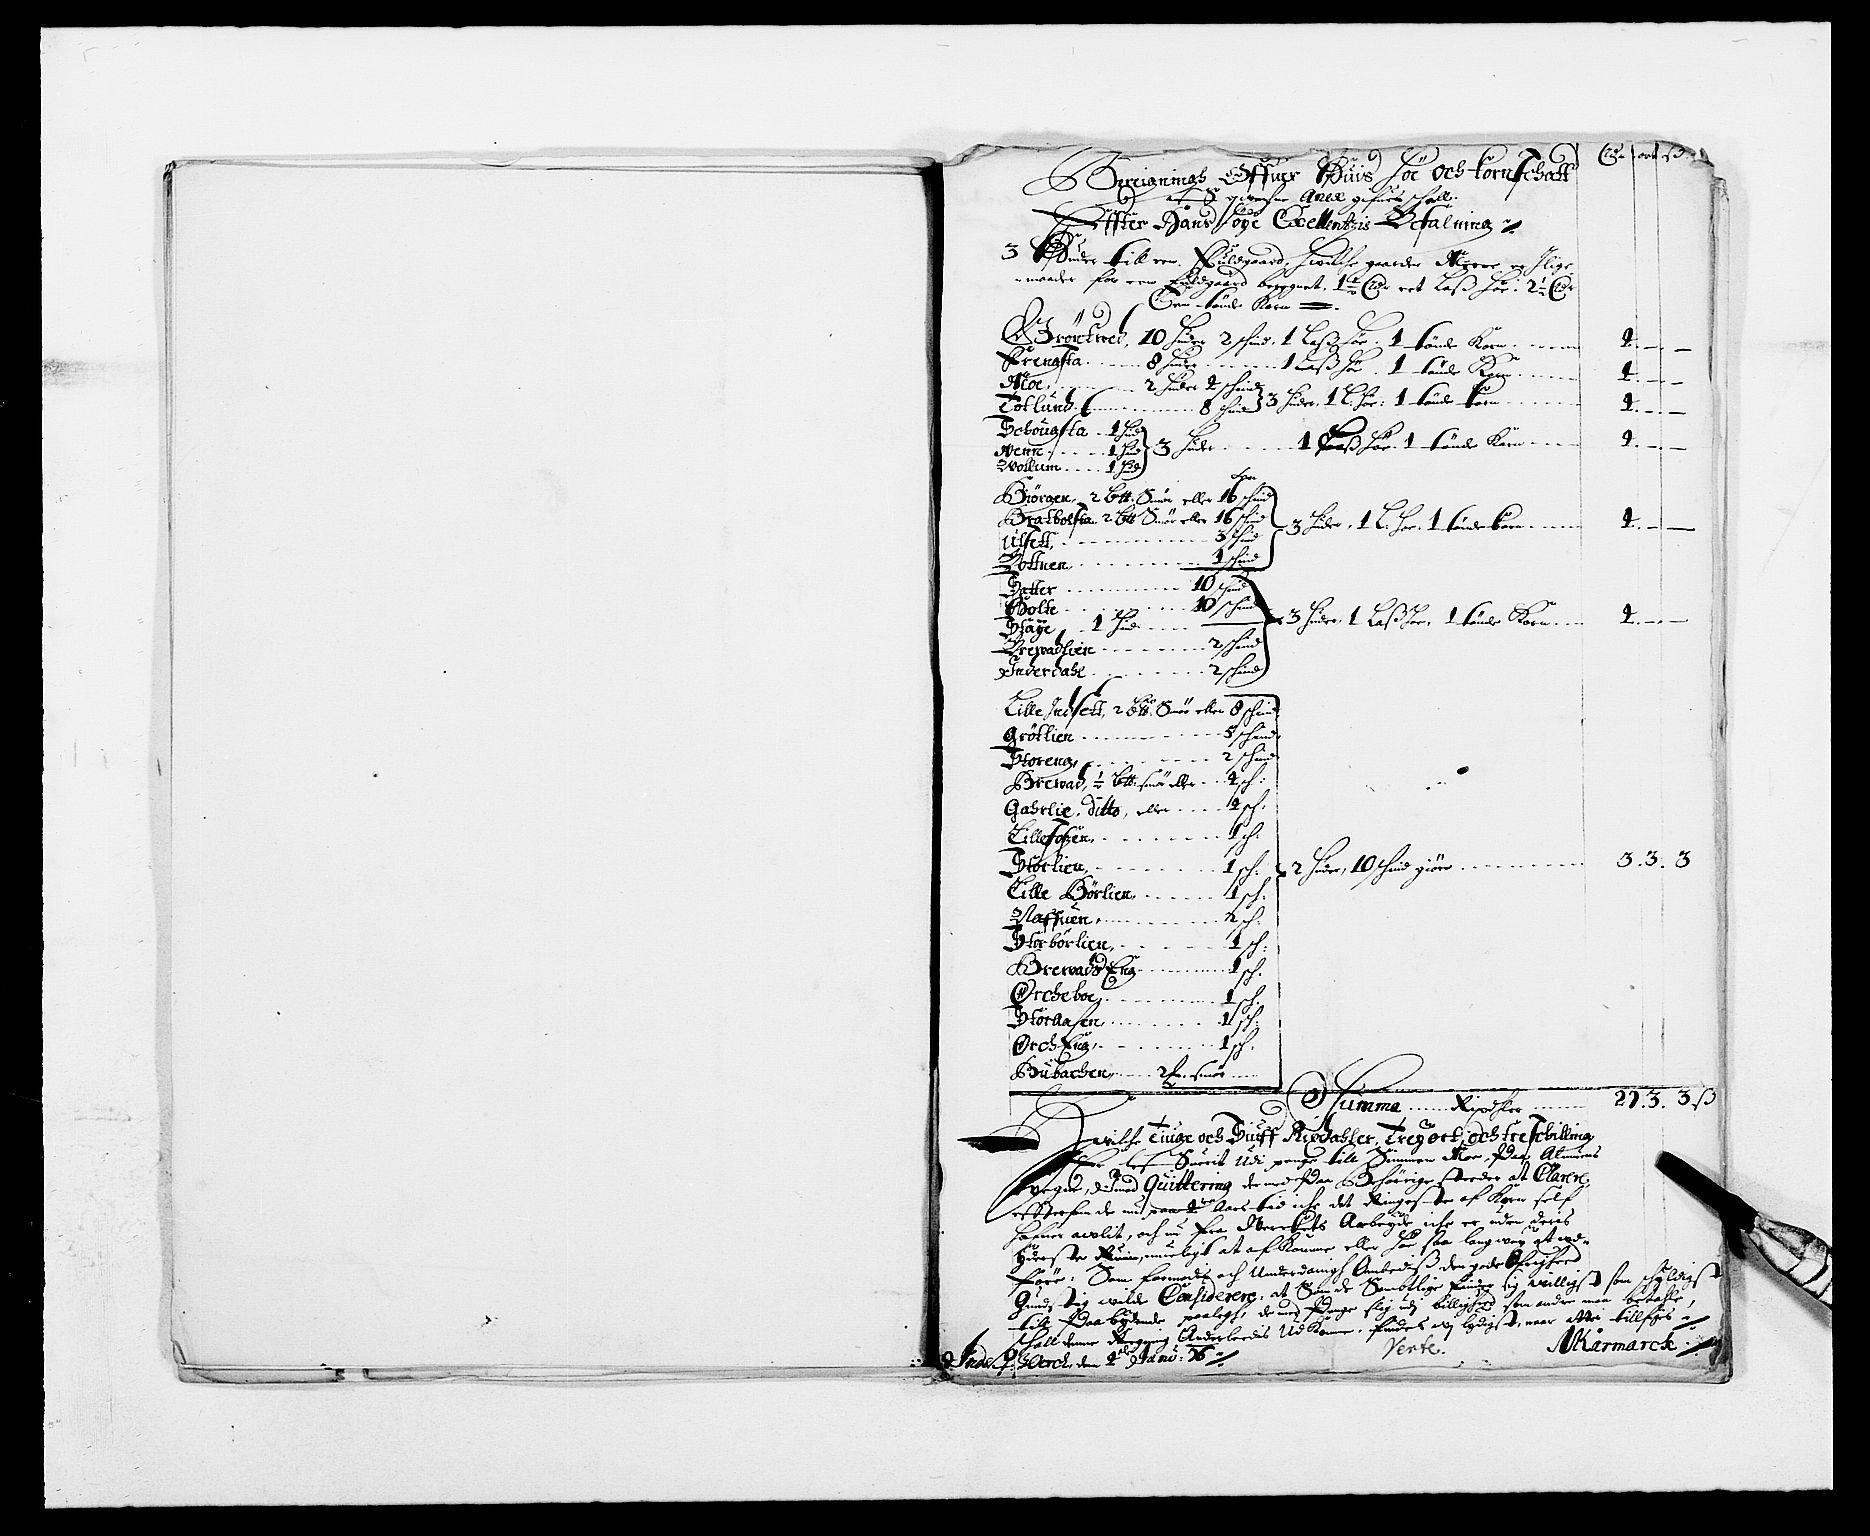 RA, Rentekammeret inntil 1814, Reviderte regnskaper, Fogderegnskap, R13/L0808: Fogderegnskap Solør, Odal og Østerdal, 1675, s. 39